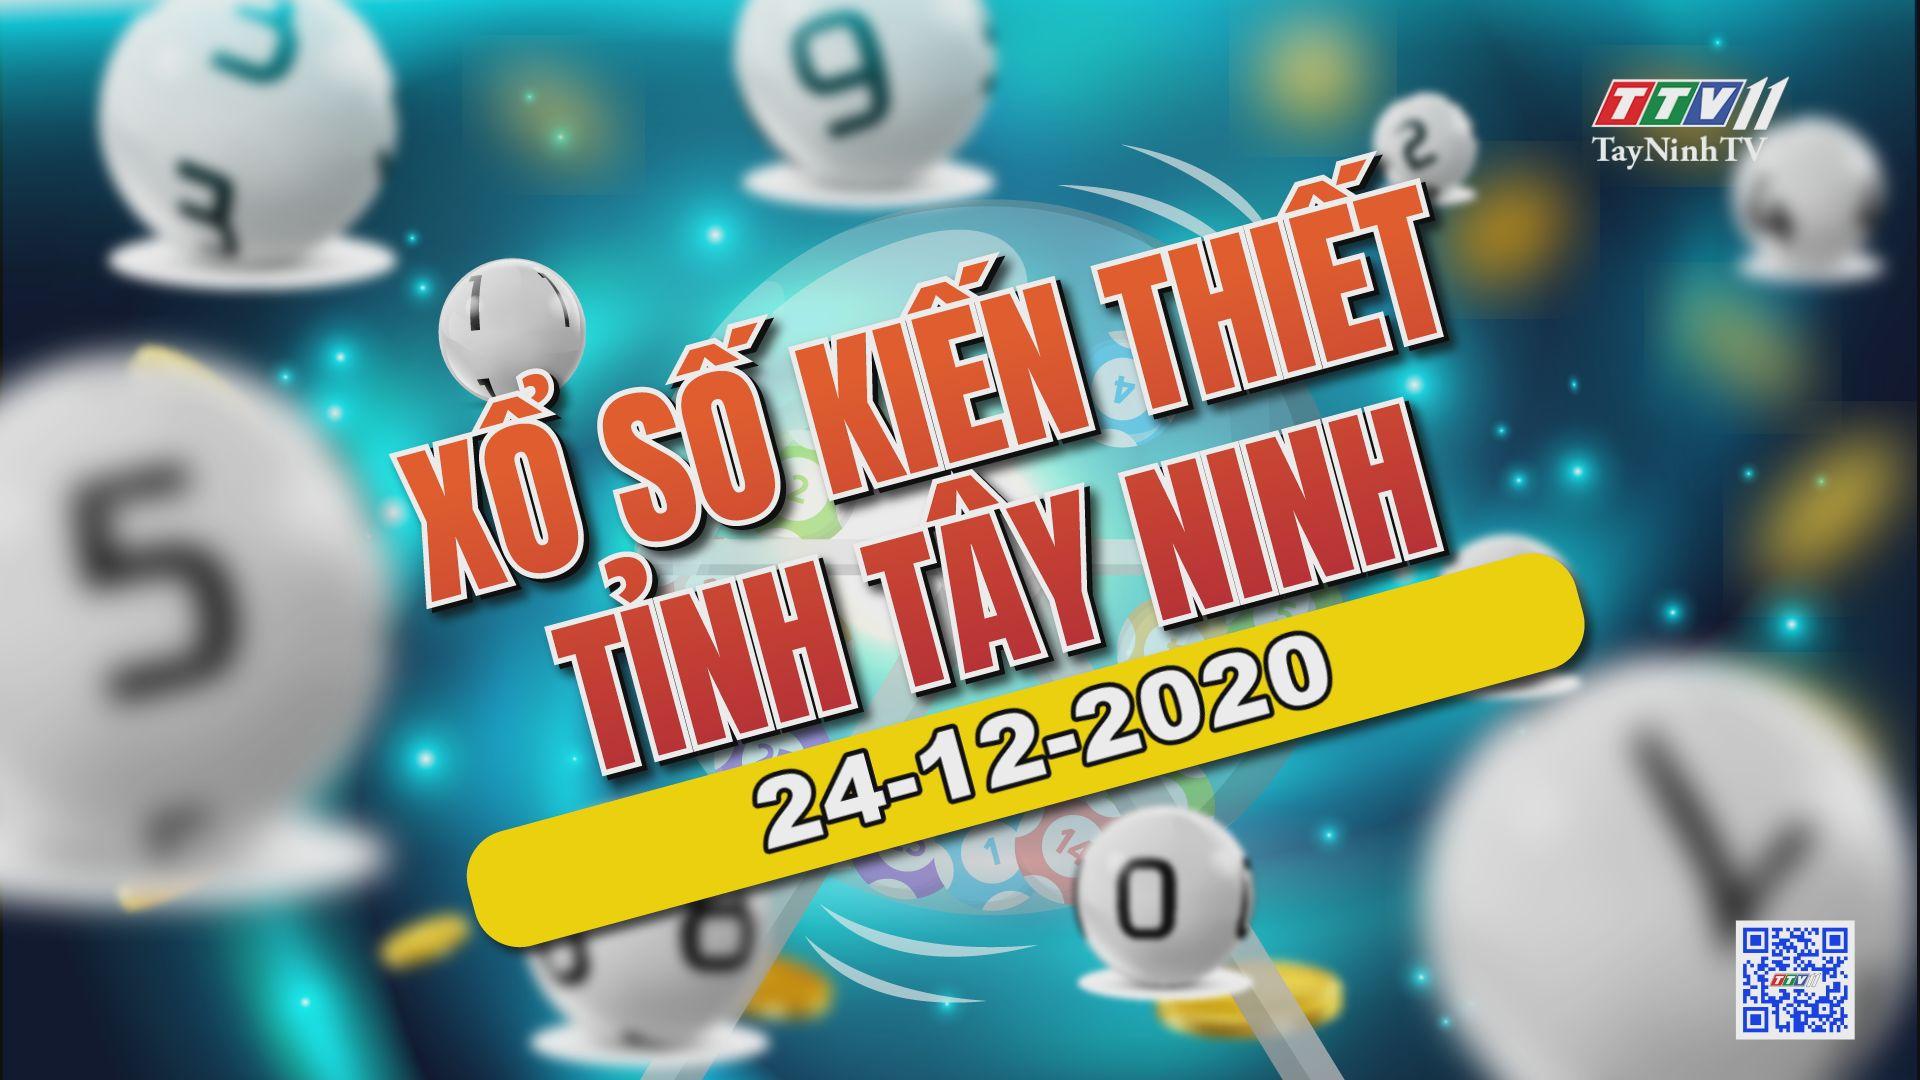 Trực tiếp Xổ số Tây Ninh ngày 24-12-2020 | TayNinhTV